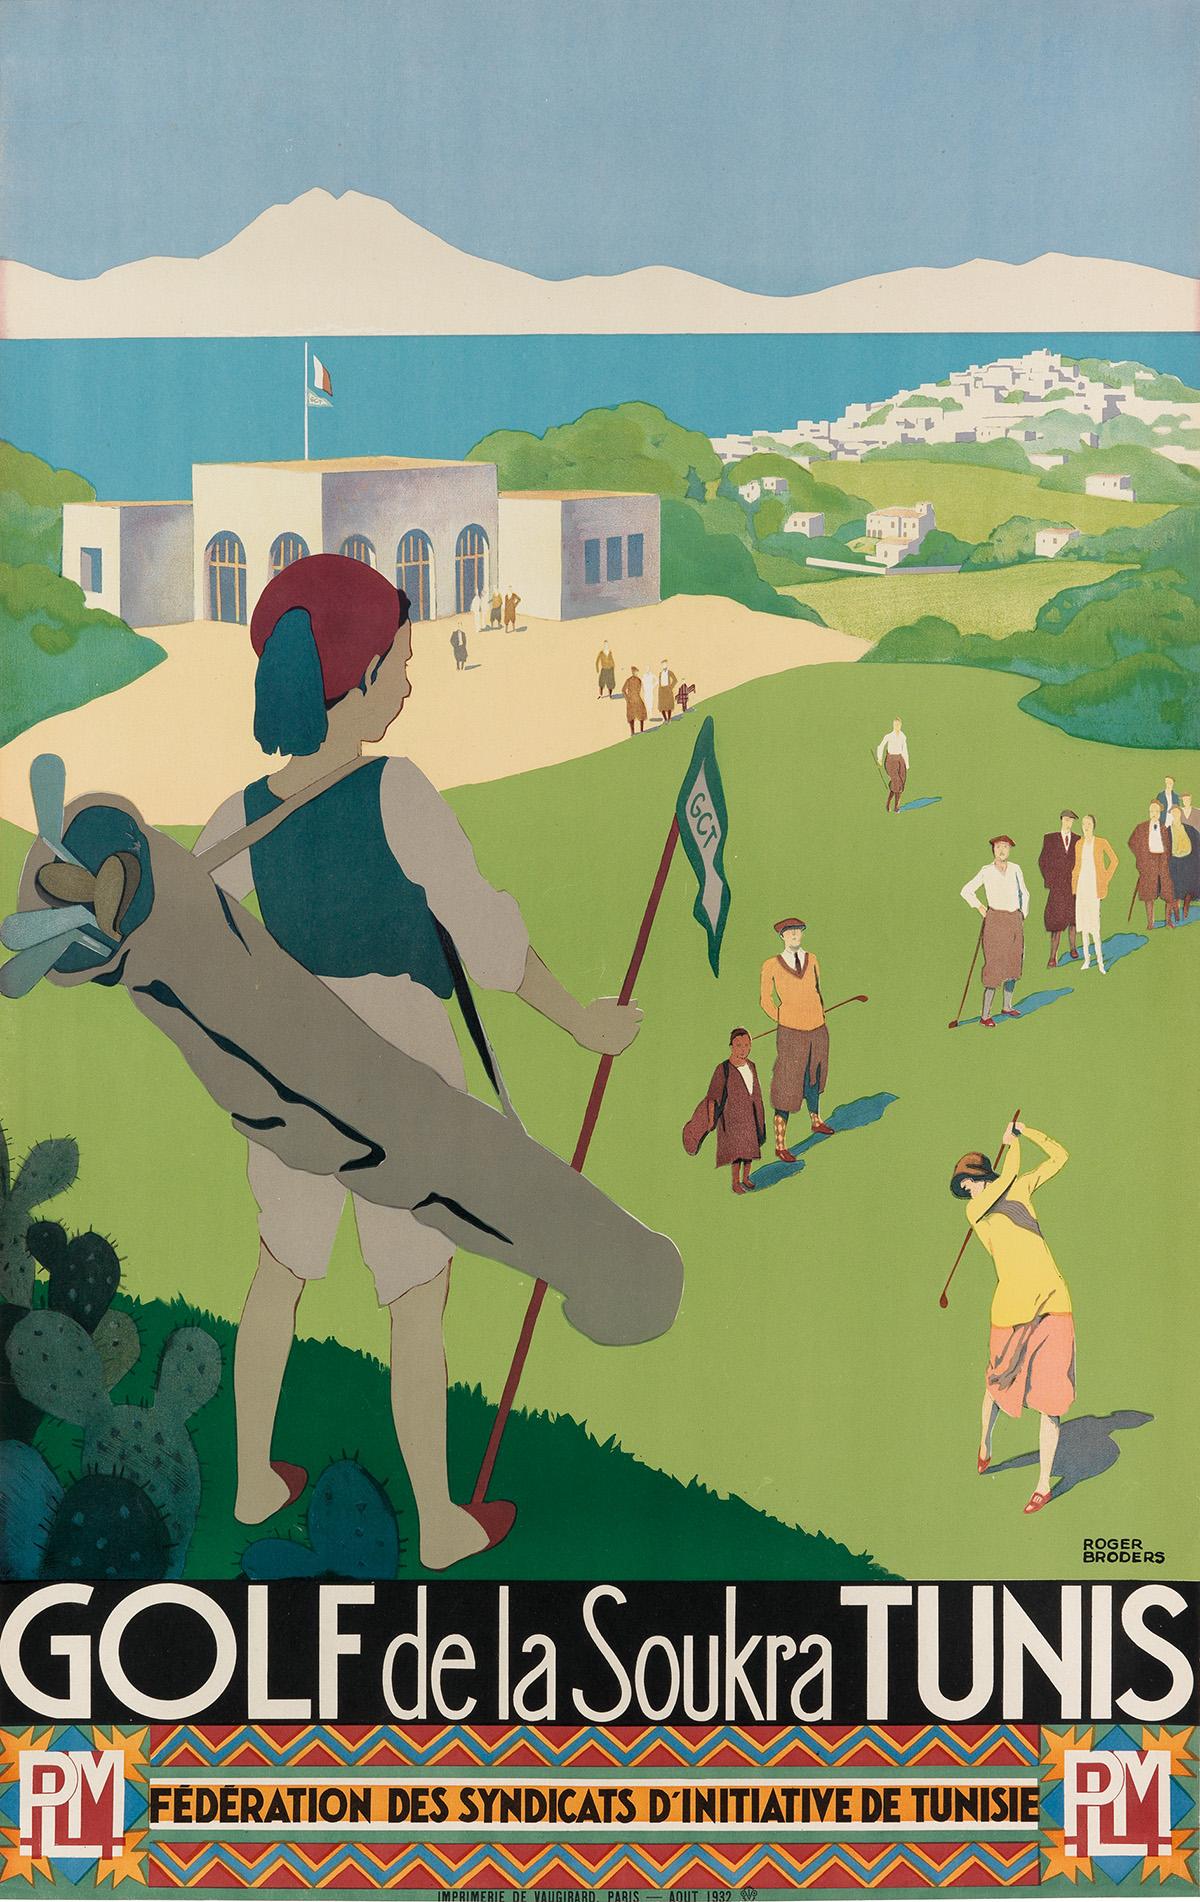 ROGER-BRODERS-(1883-1953)-GOLF-DE-LA-SOUKRA-TUNIS-1932-39x24-inches-99x63-cm-Vaugirard-Paris